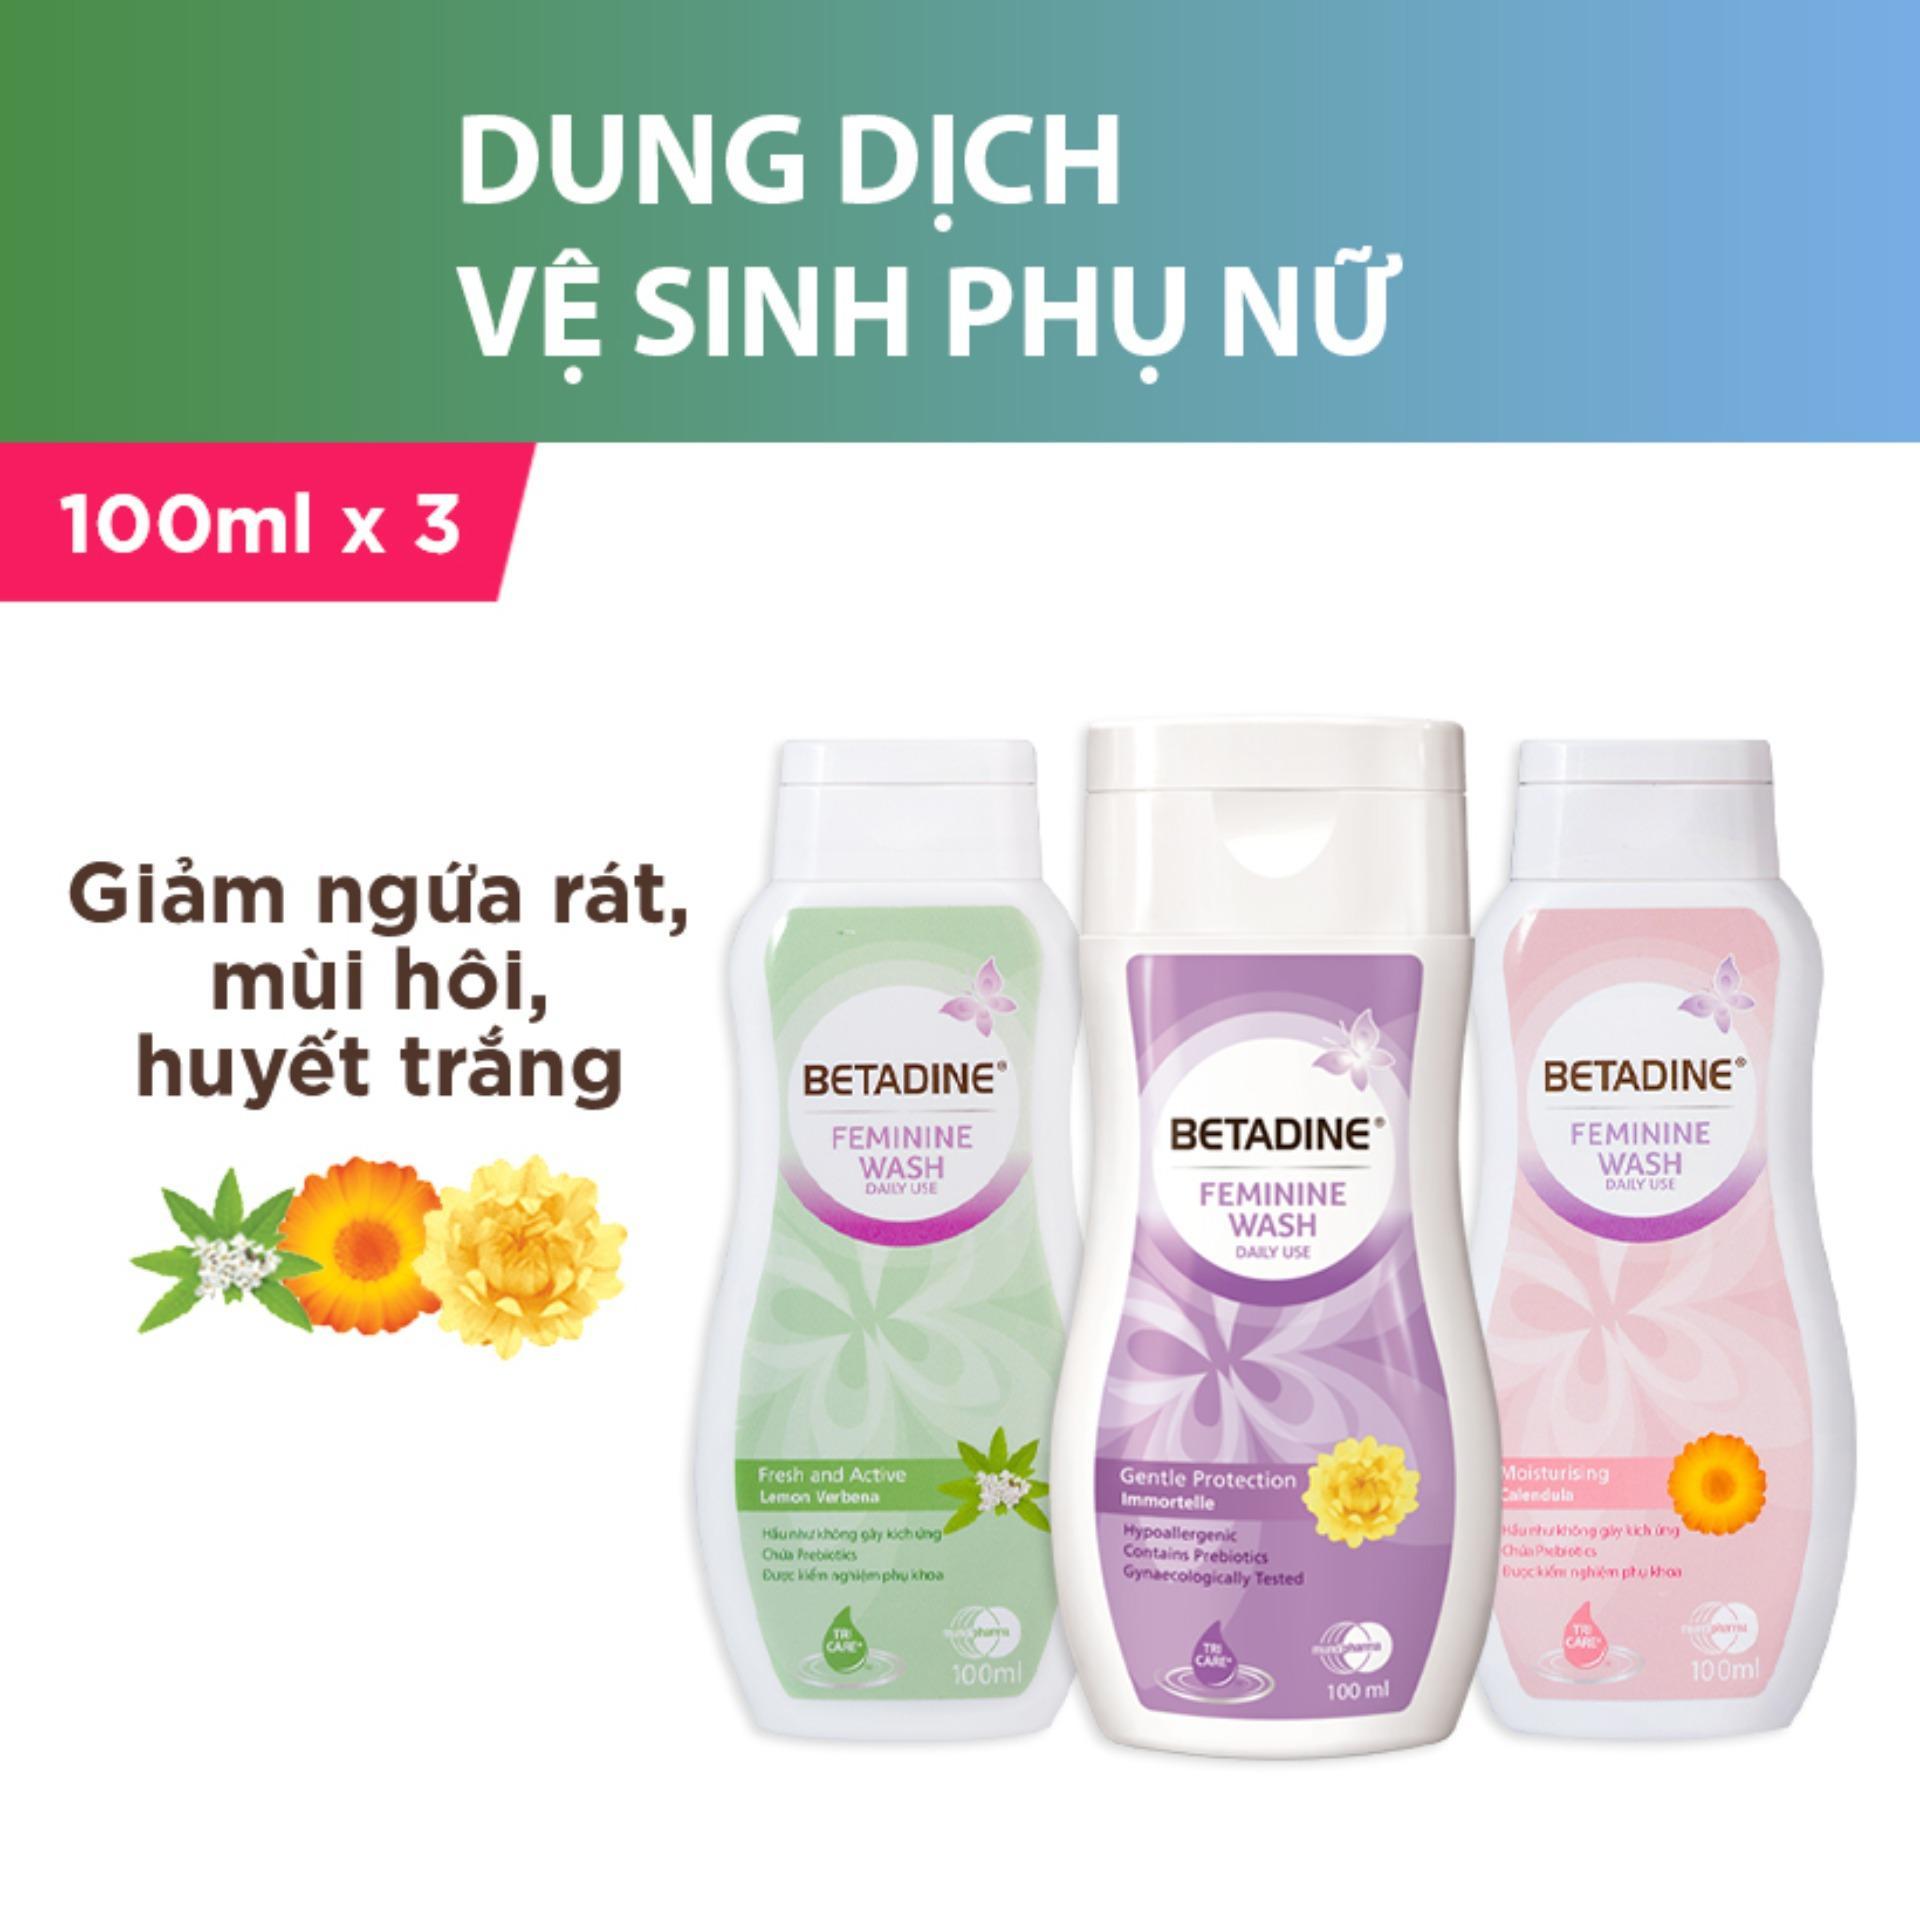 Bộ 3 dung dịch vệ sinh phụ nữ Betadine (Tím, Hồng, Xanh) - chai 100ml cao cấp